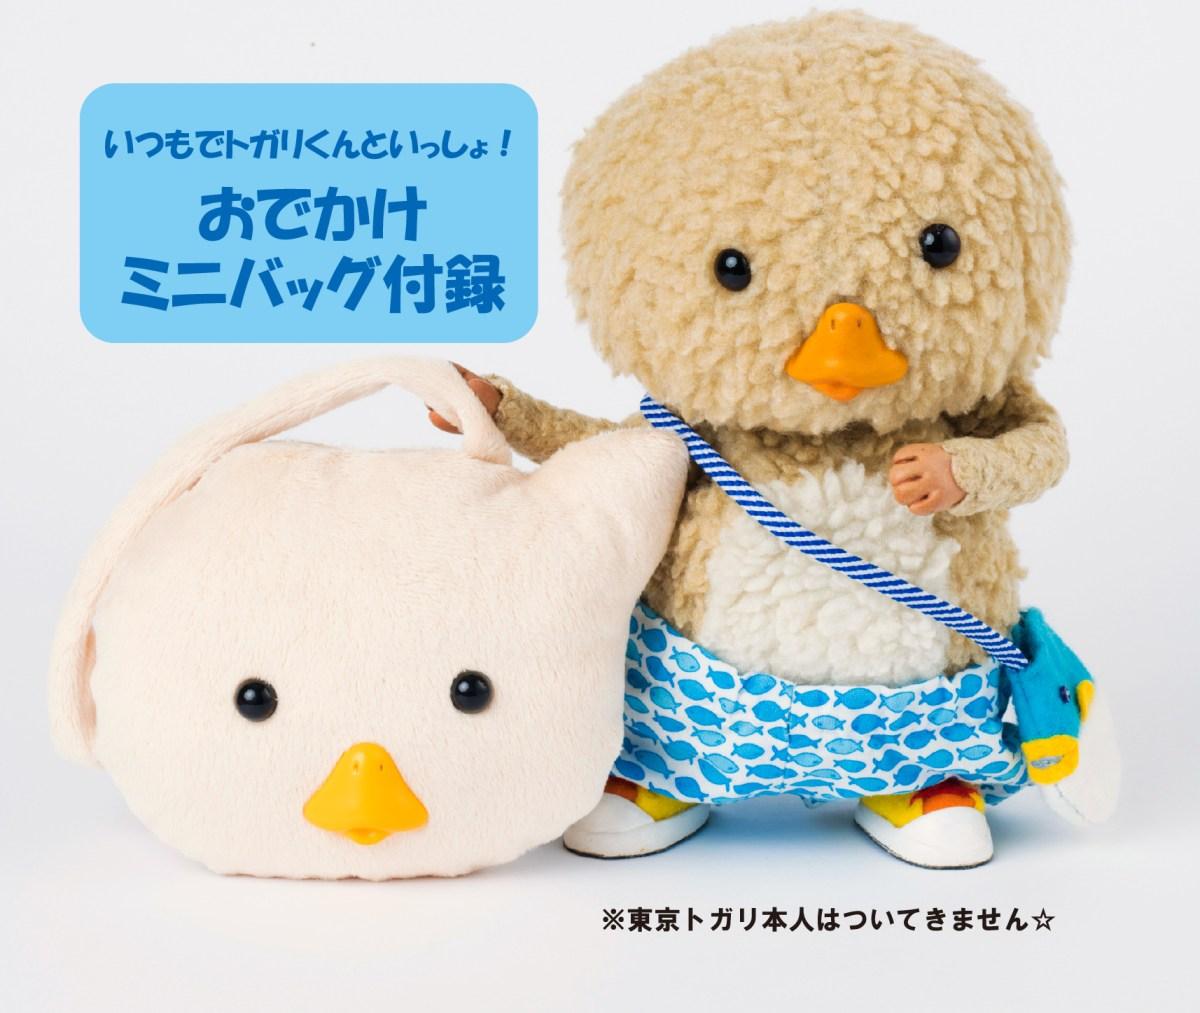 「 東京トガリオフィシャルファンブック おでかけミニバッグ付き」予約開始!